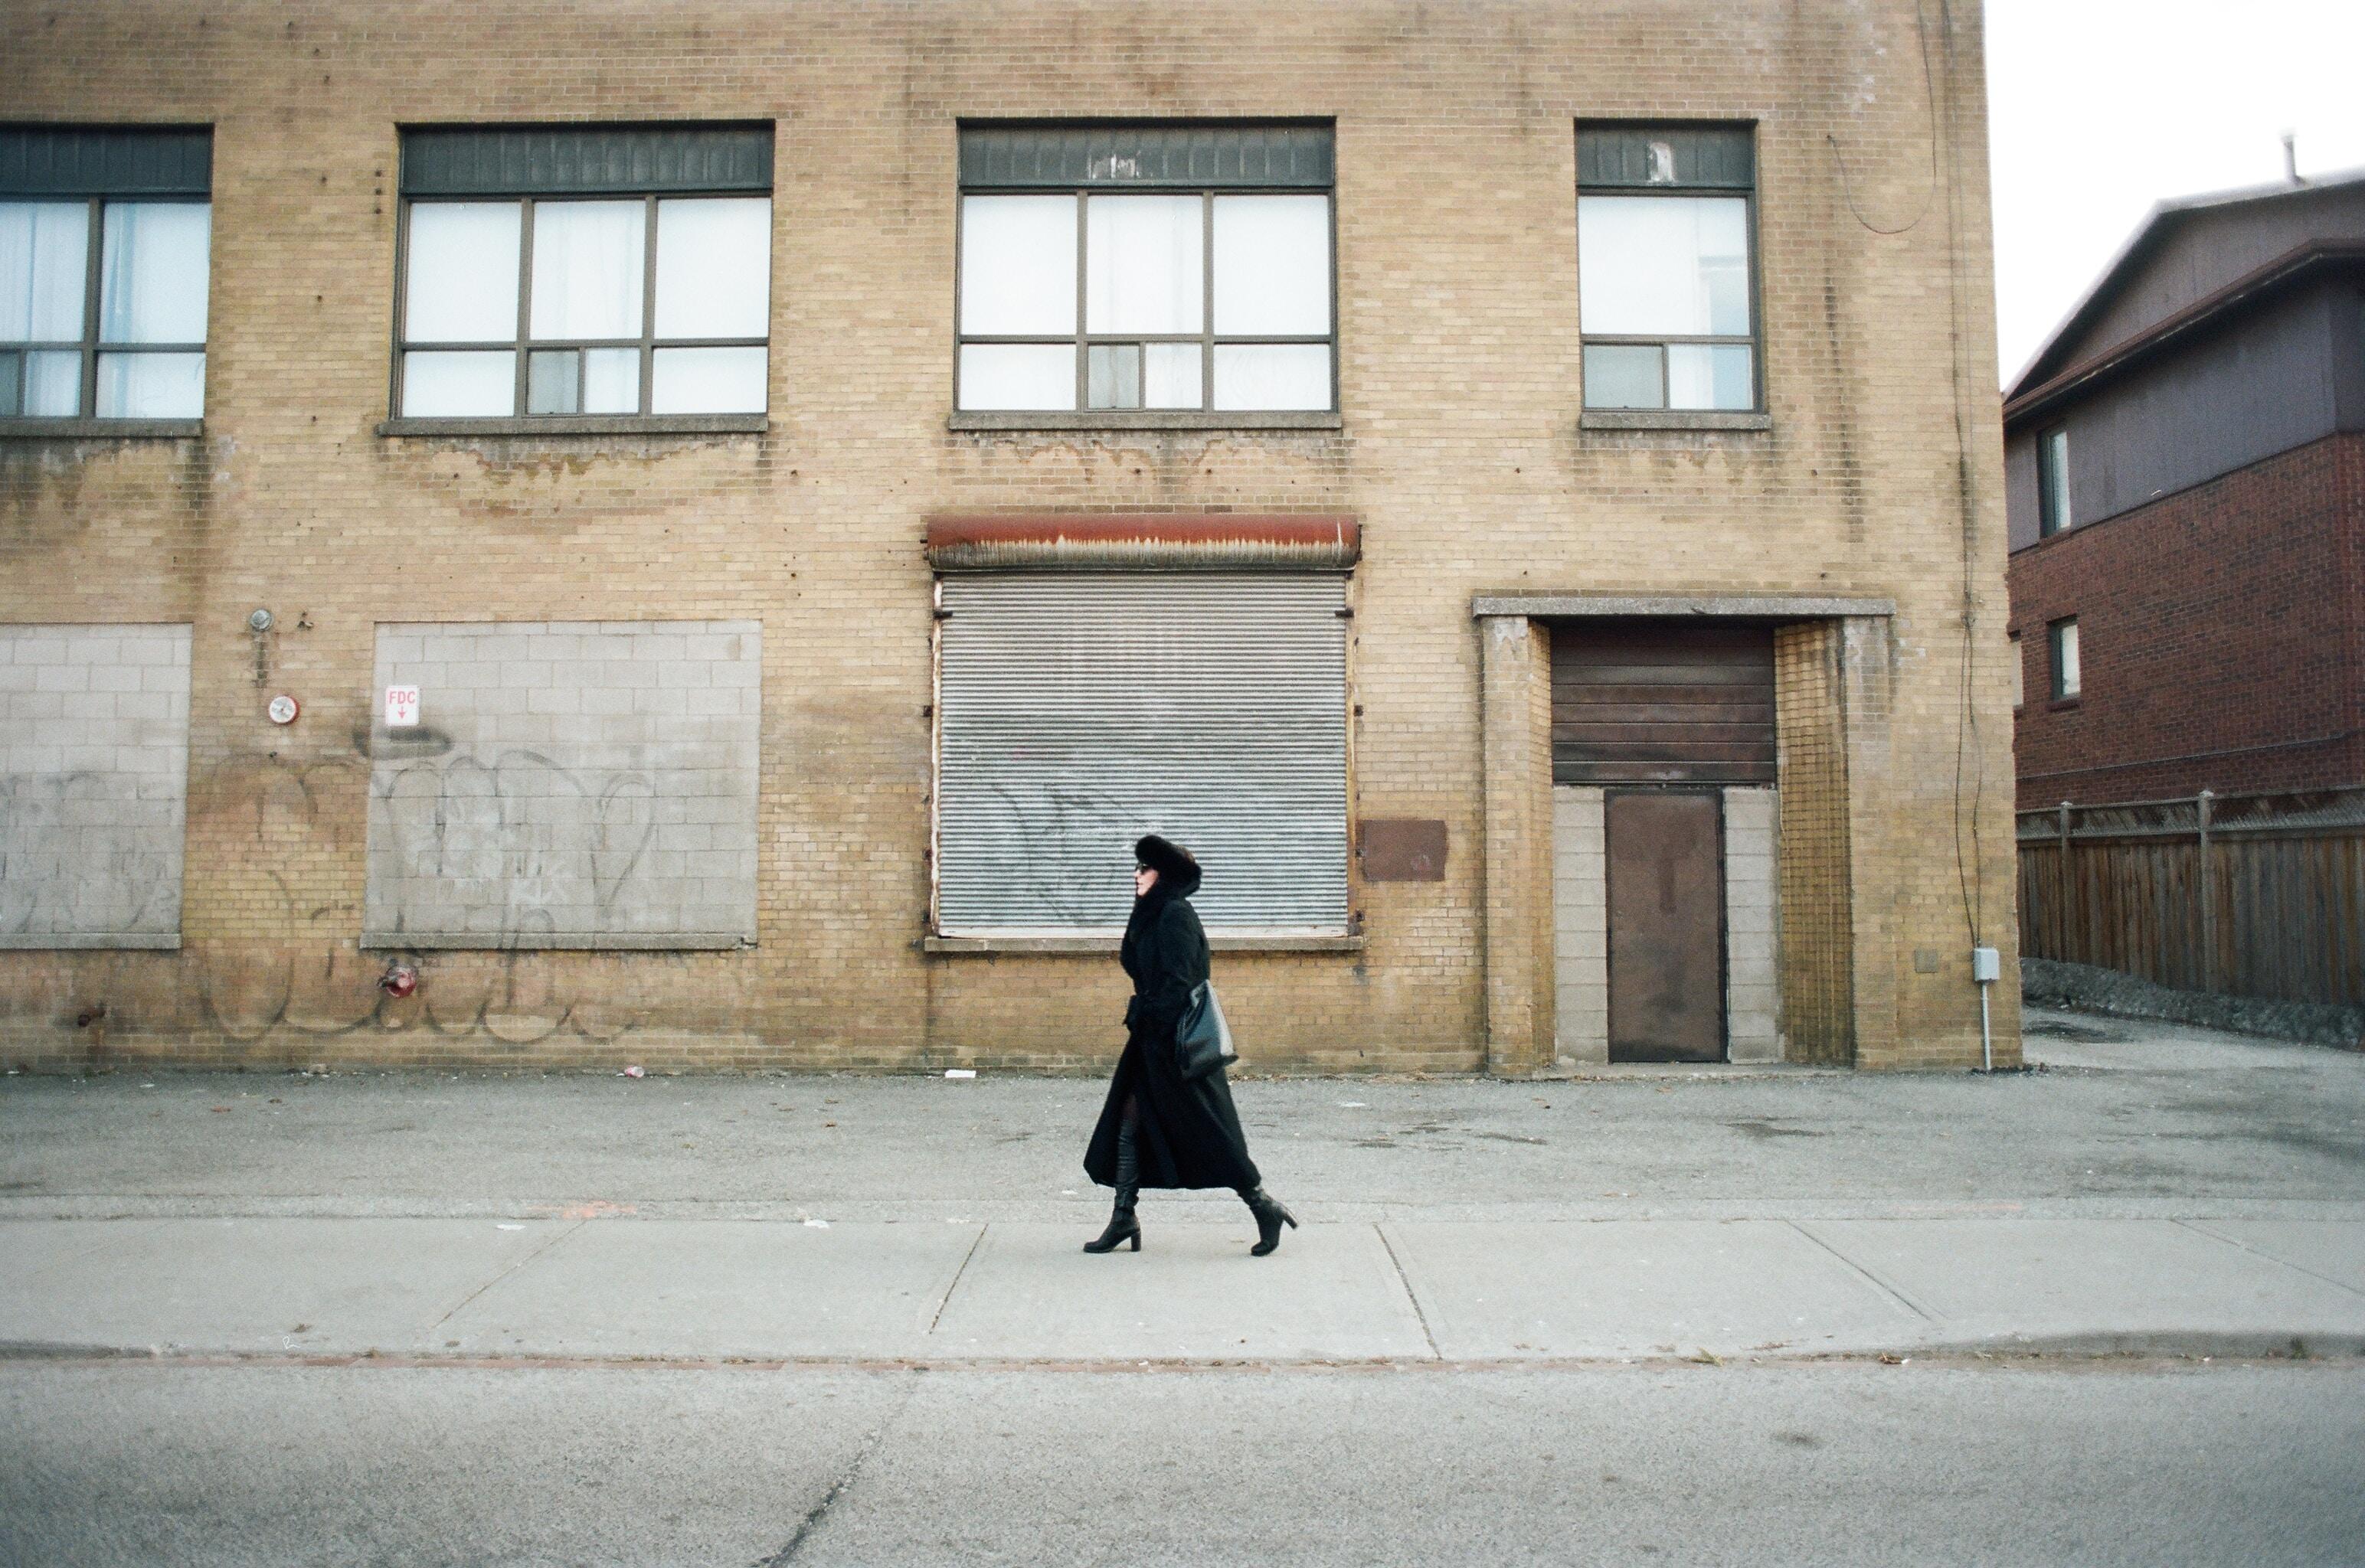 woman waking on gray pavement